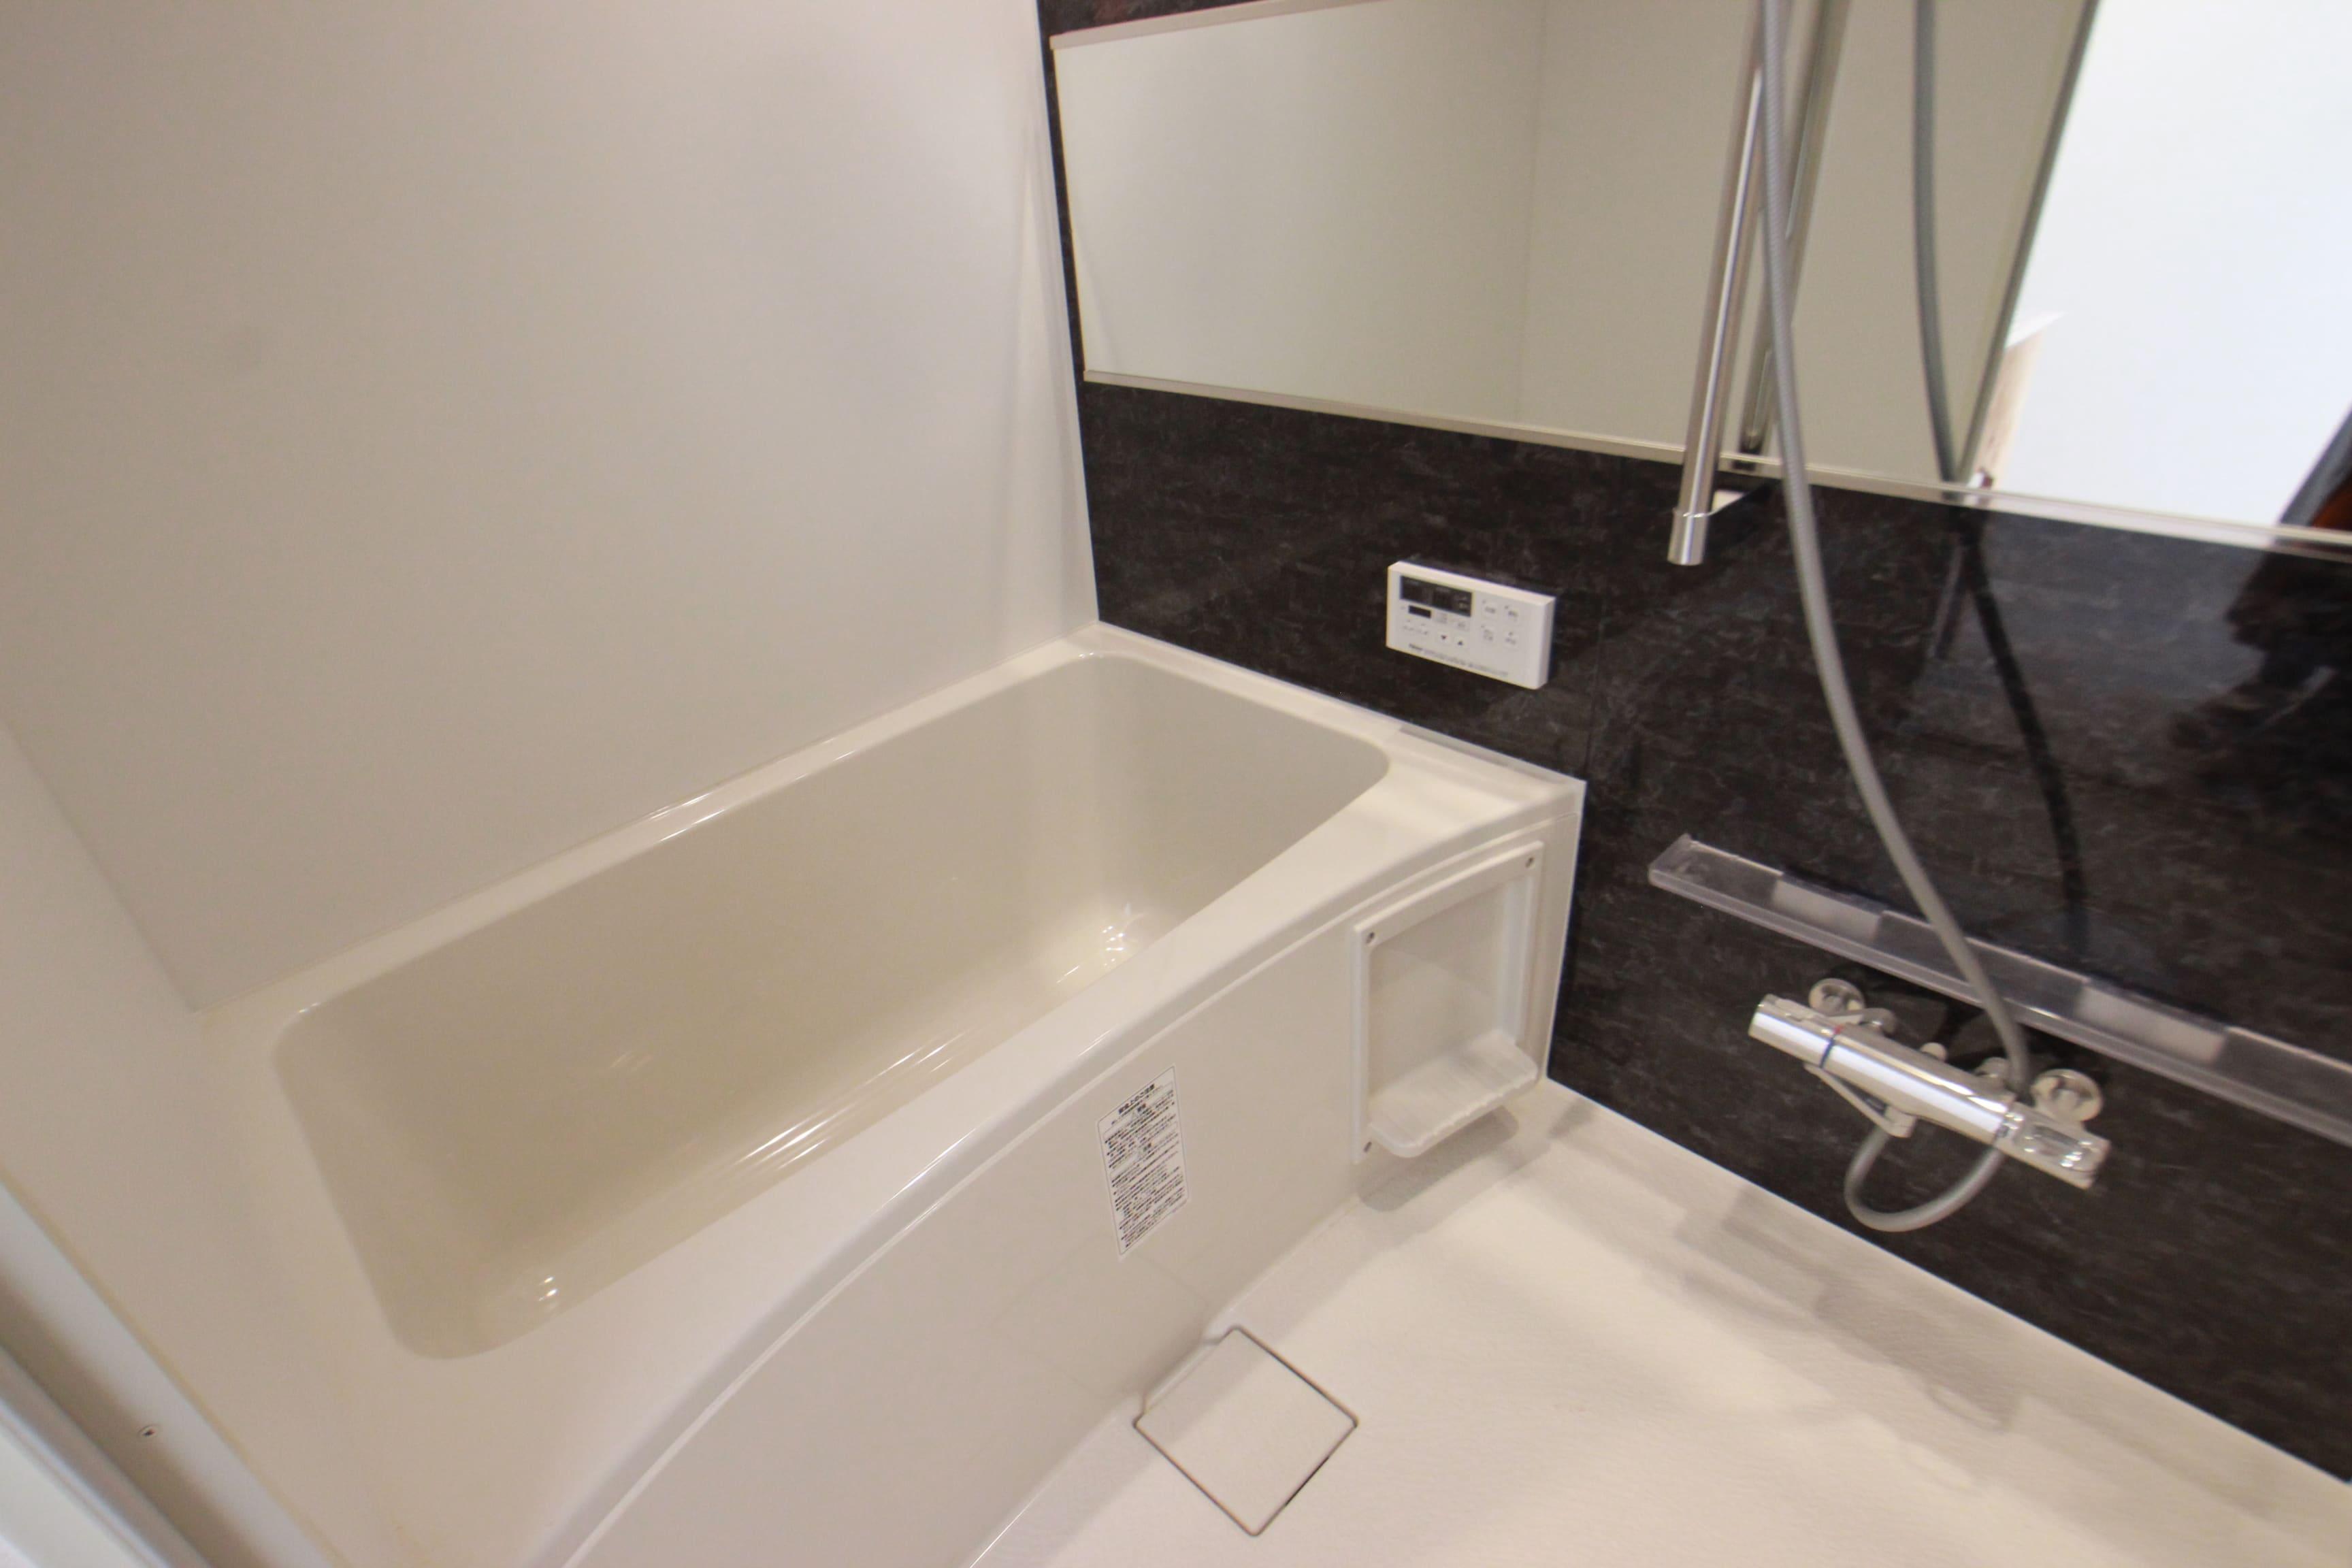 浴室は全室追い焚き付き(お風呂のタイプはお部屋によって異なります)